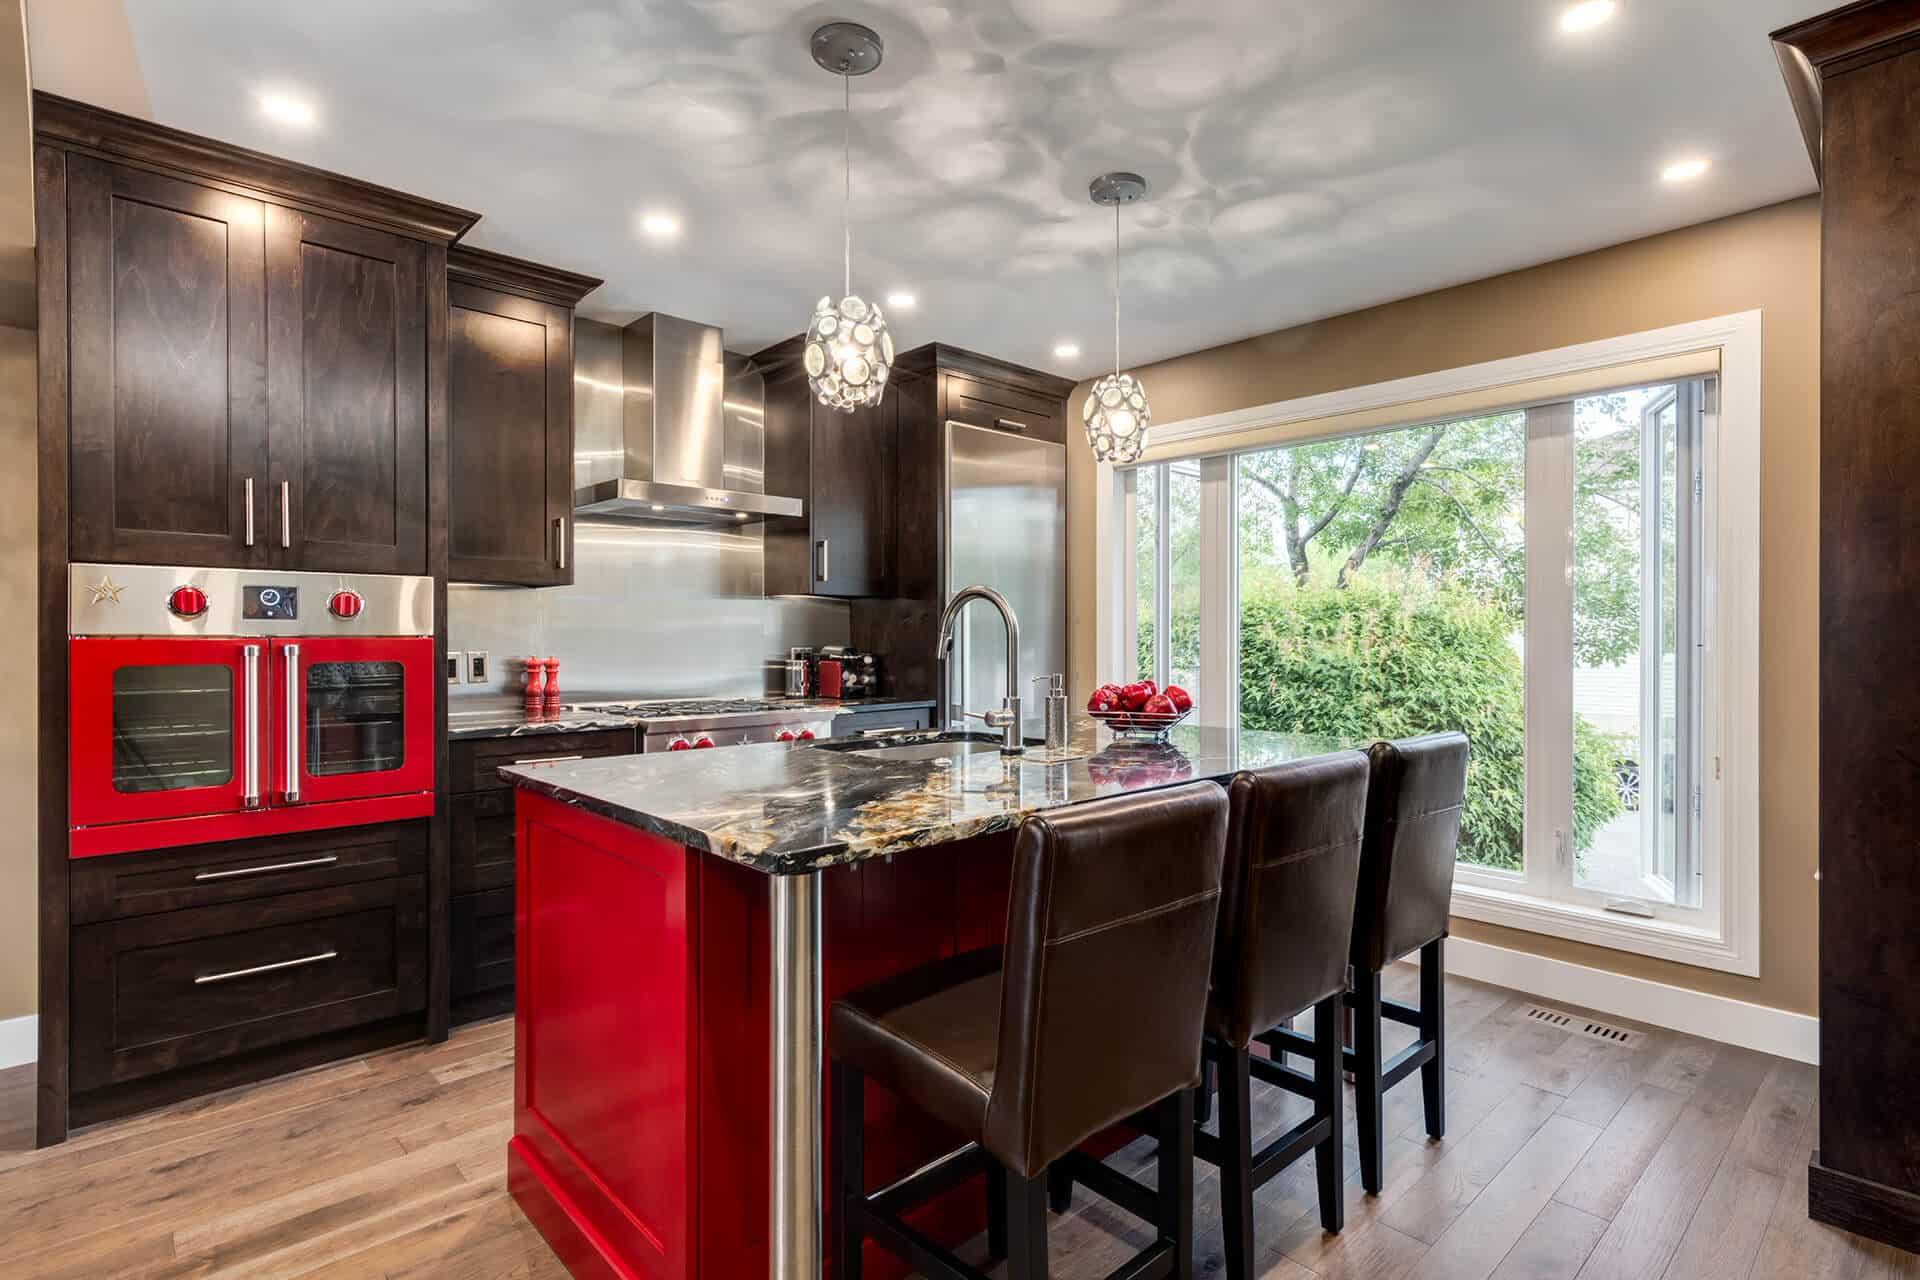 kitchen renovations calgary - mackenzie